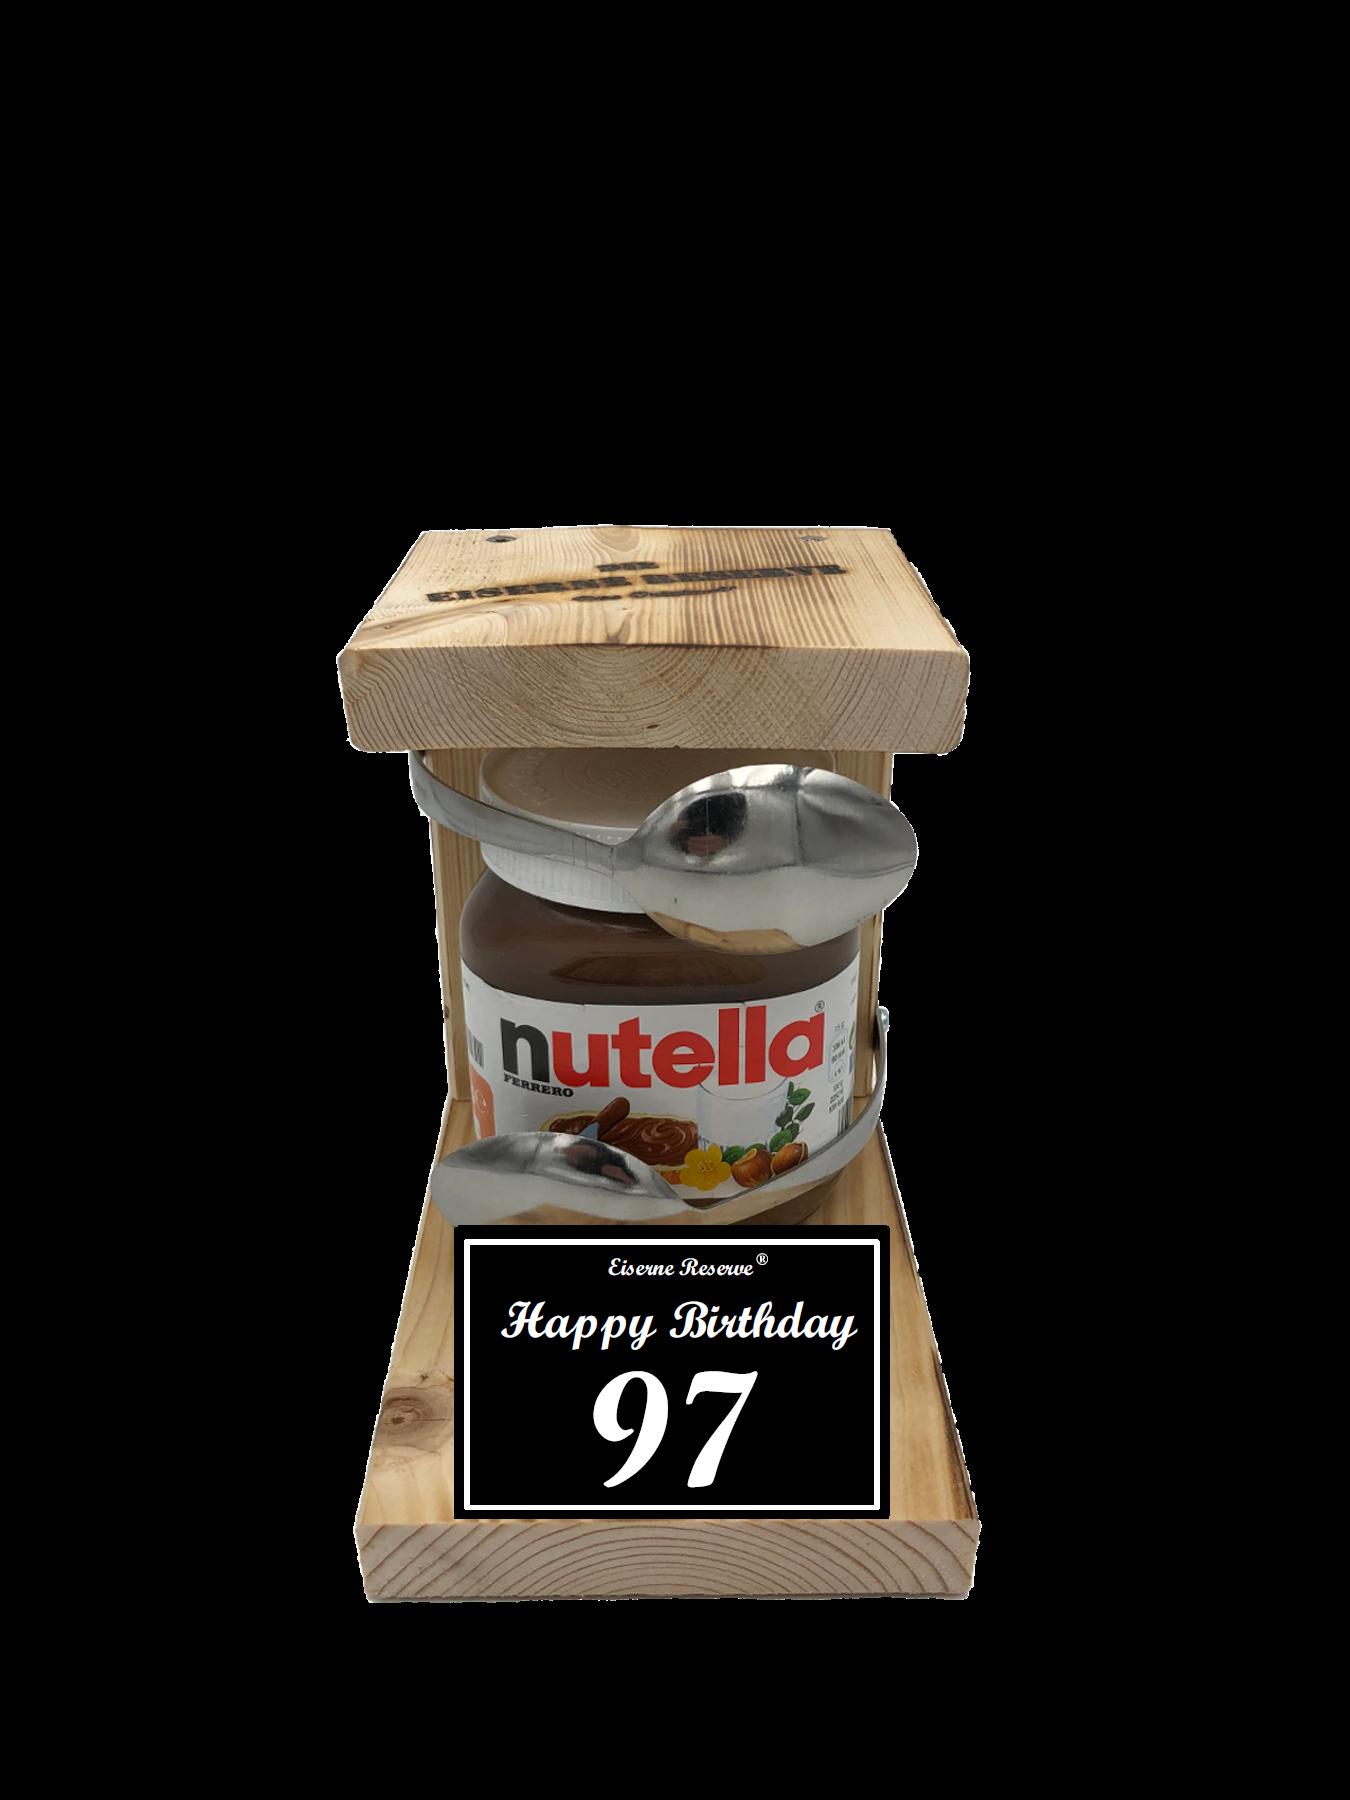 97 Happy Birthday Löffel Nutella Geschenk - Die Nutella Geschenkidee